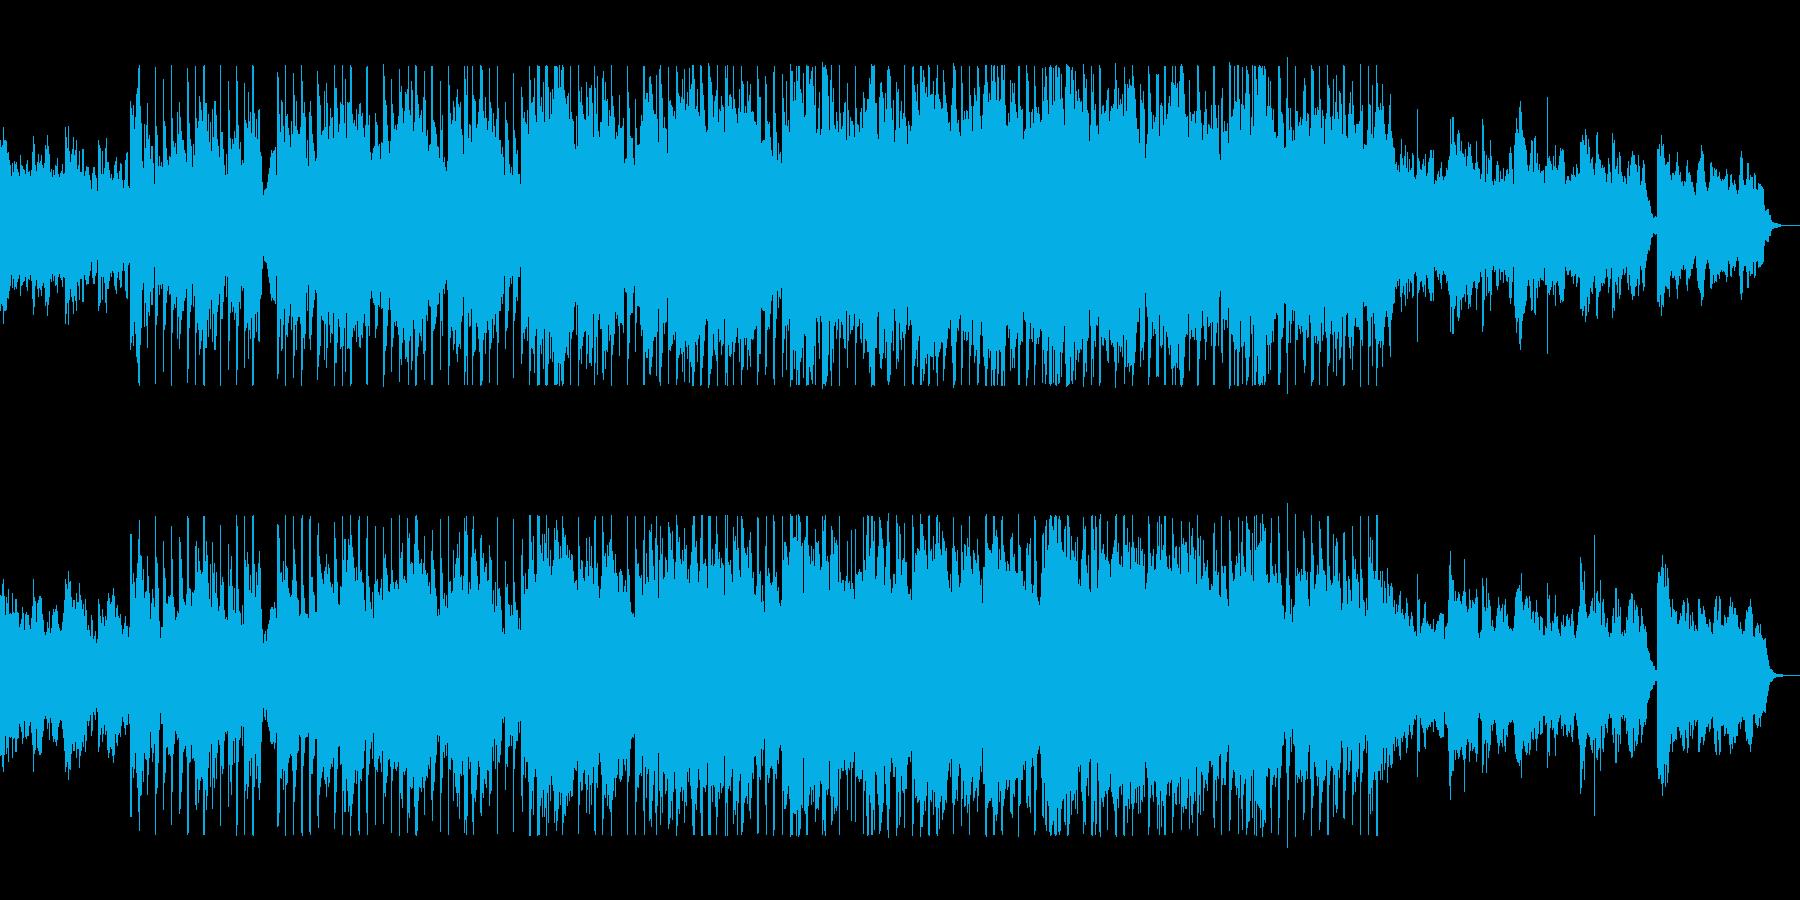 のびやかで壮大なサウンドの再生済みの波形